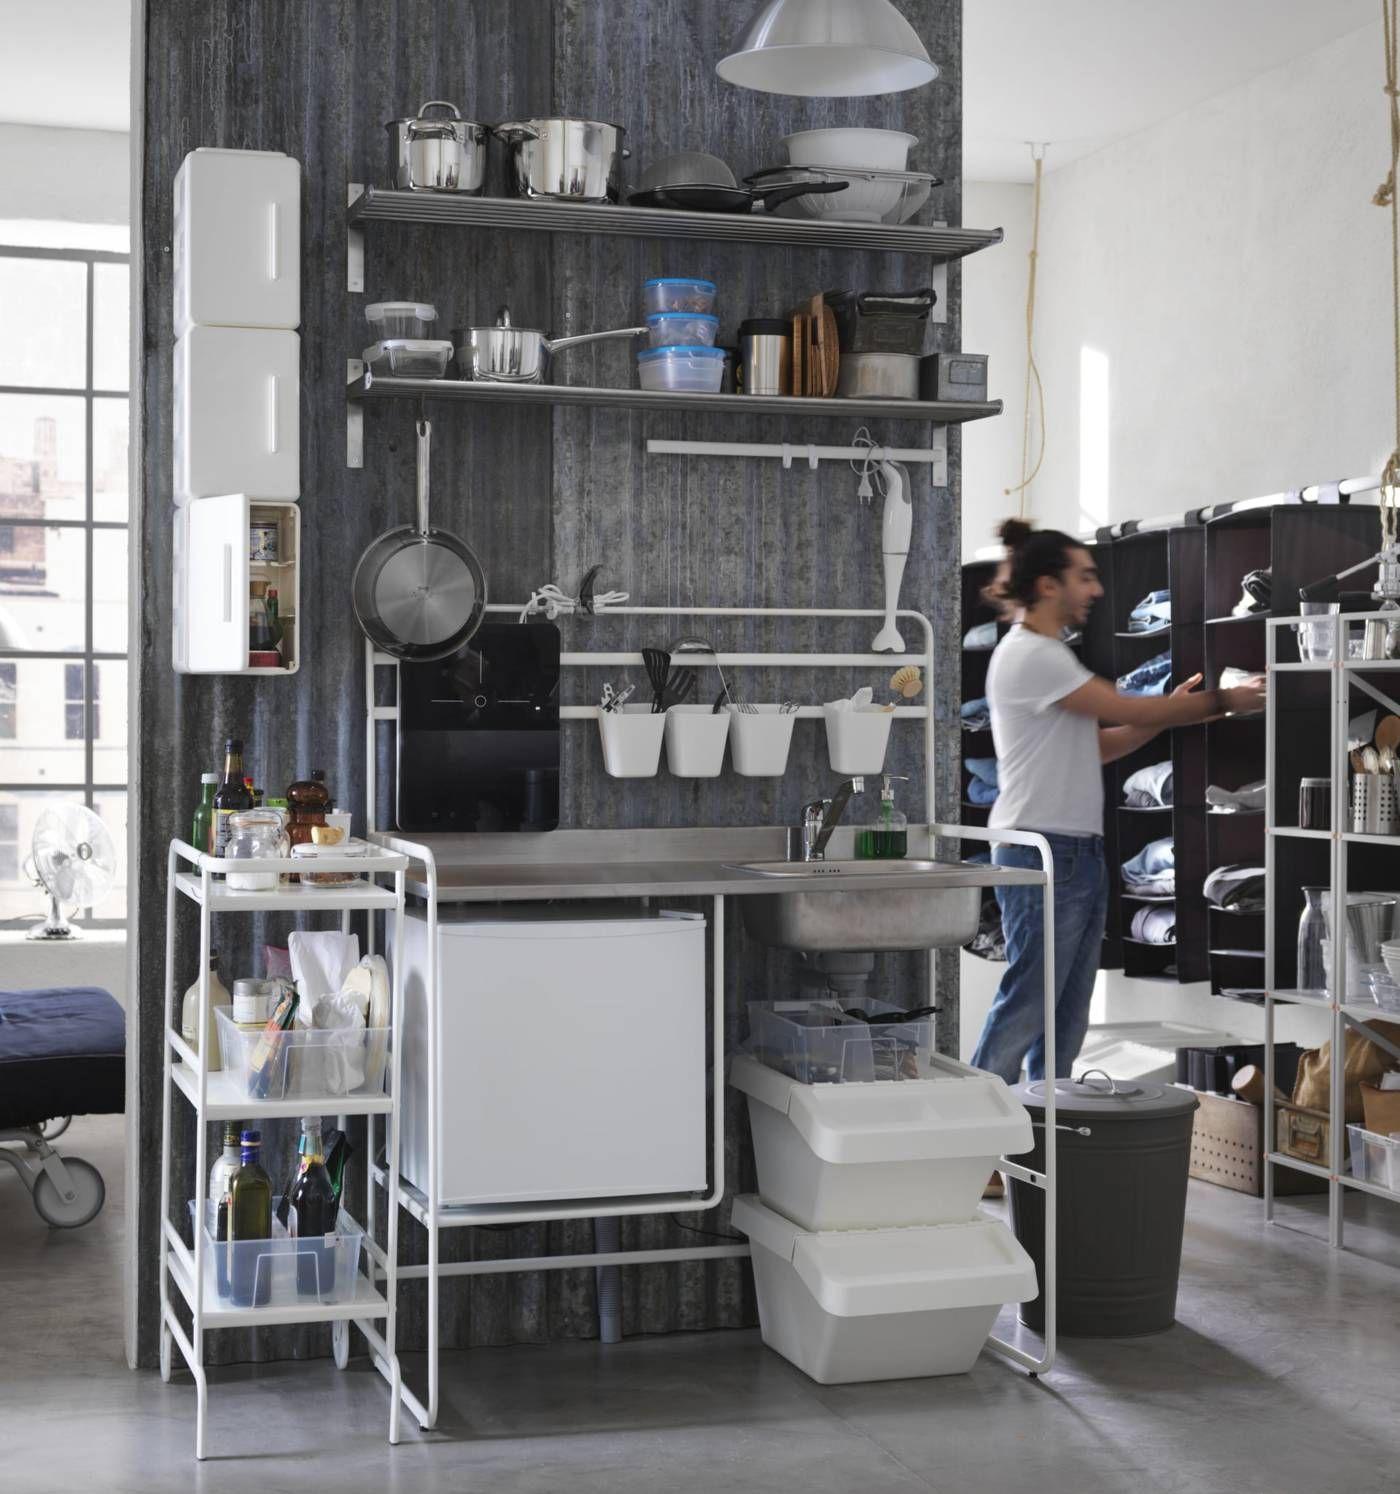 sunnersta minik che im katalog wohnung ikea zum einfachen umziehen pinterest. Black Bedroom Furniture Sets. Home Design Ideas